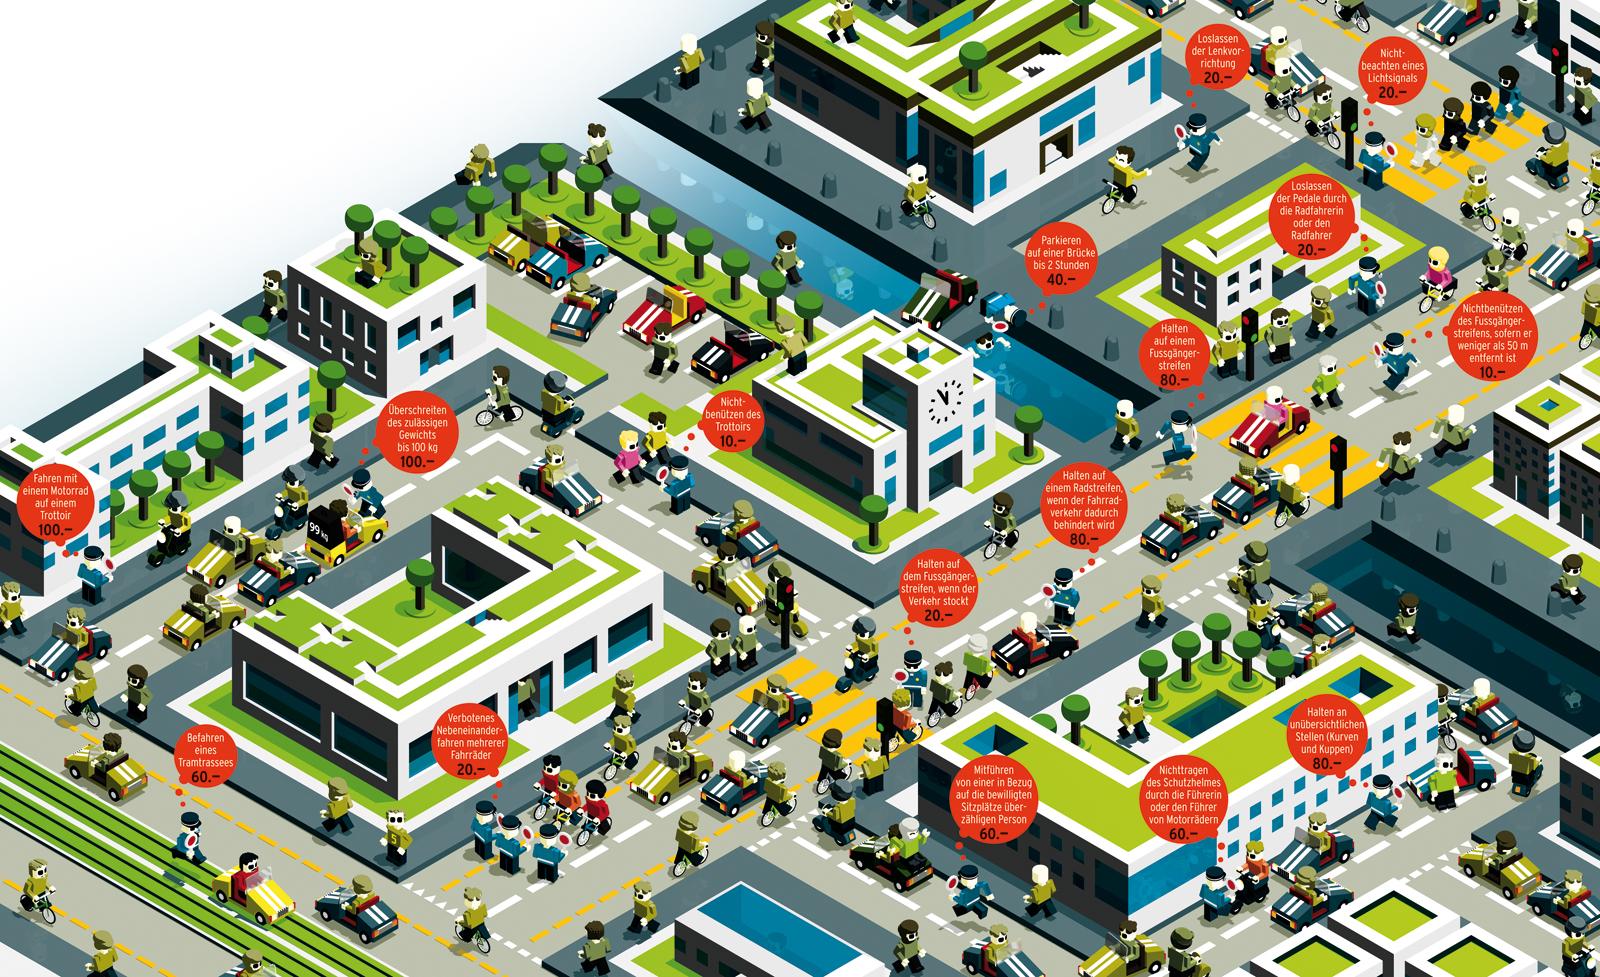 """Beobachter, Ausgabe 23/09, Illustration """"Durchblick im Bussendschungel"""""""